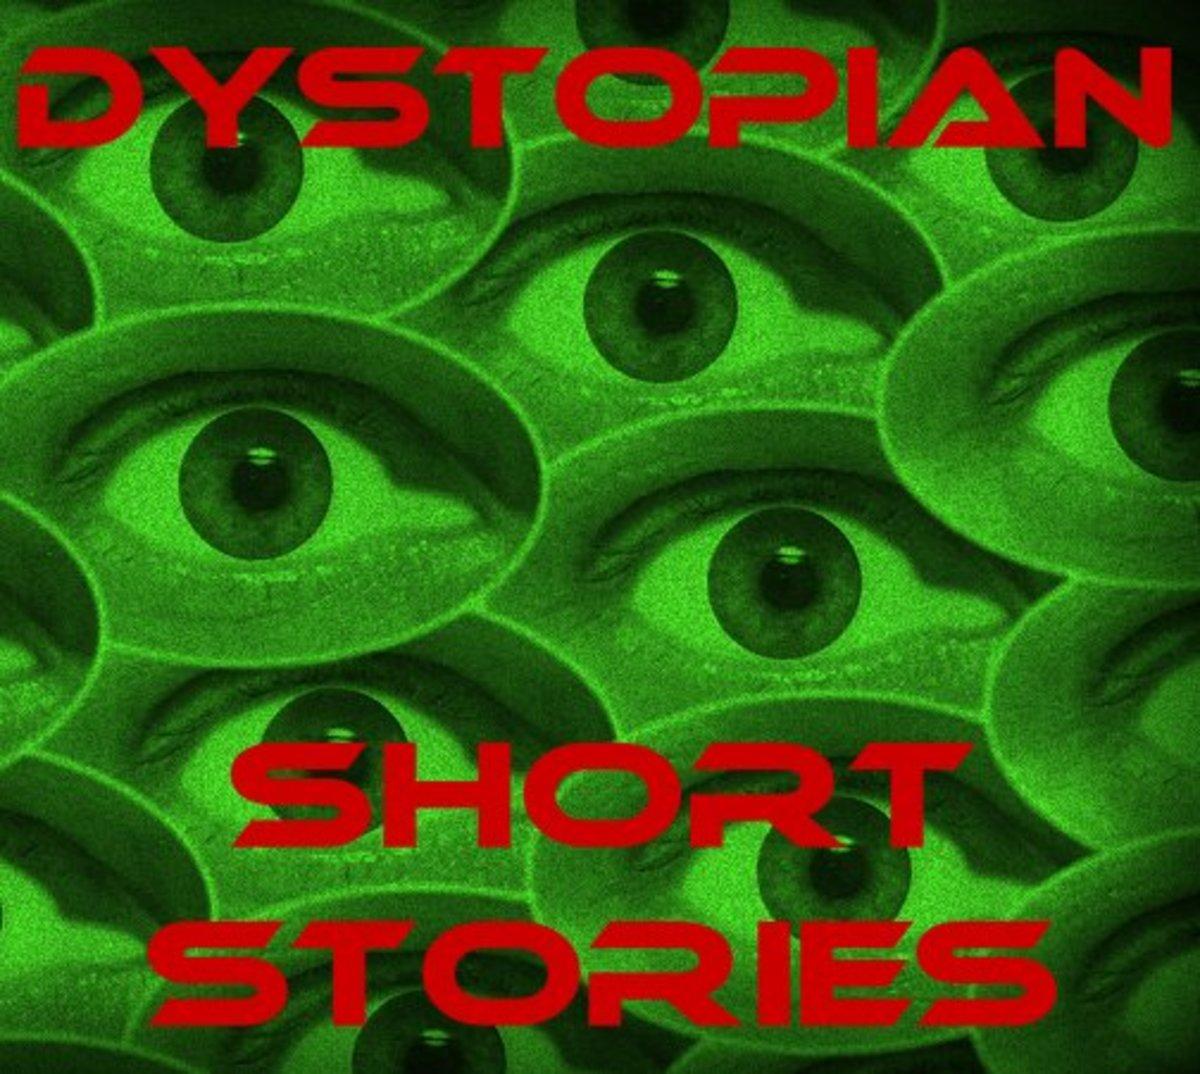 Dystopian Short Stories